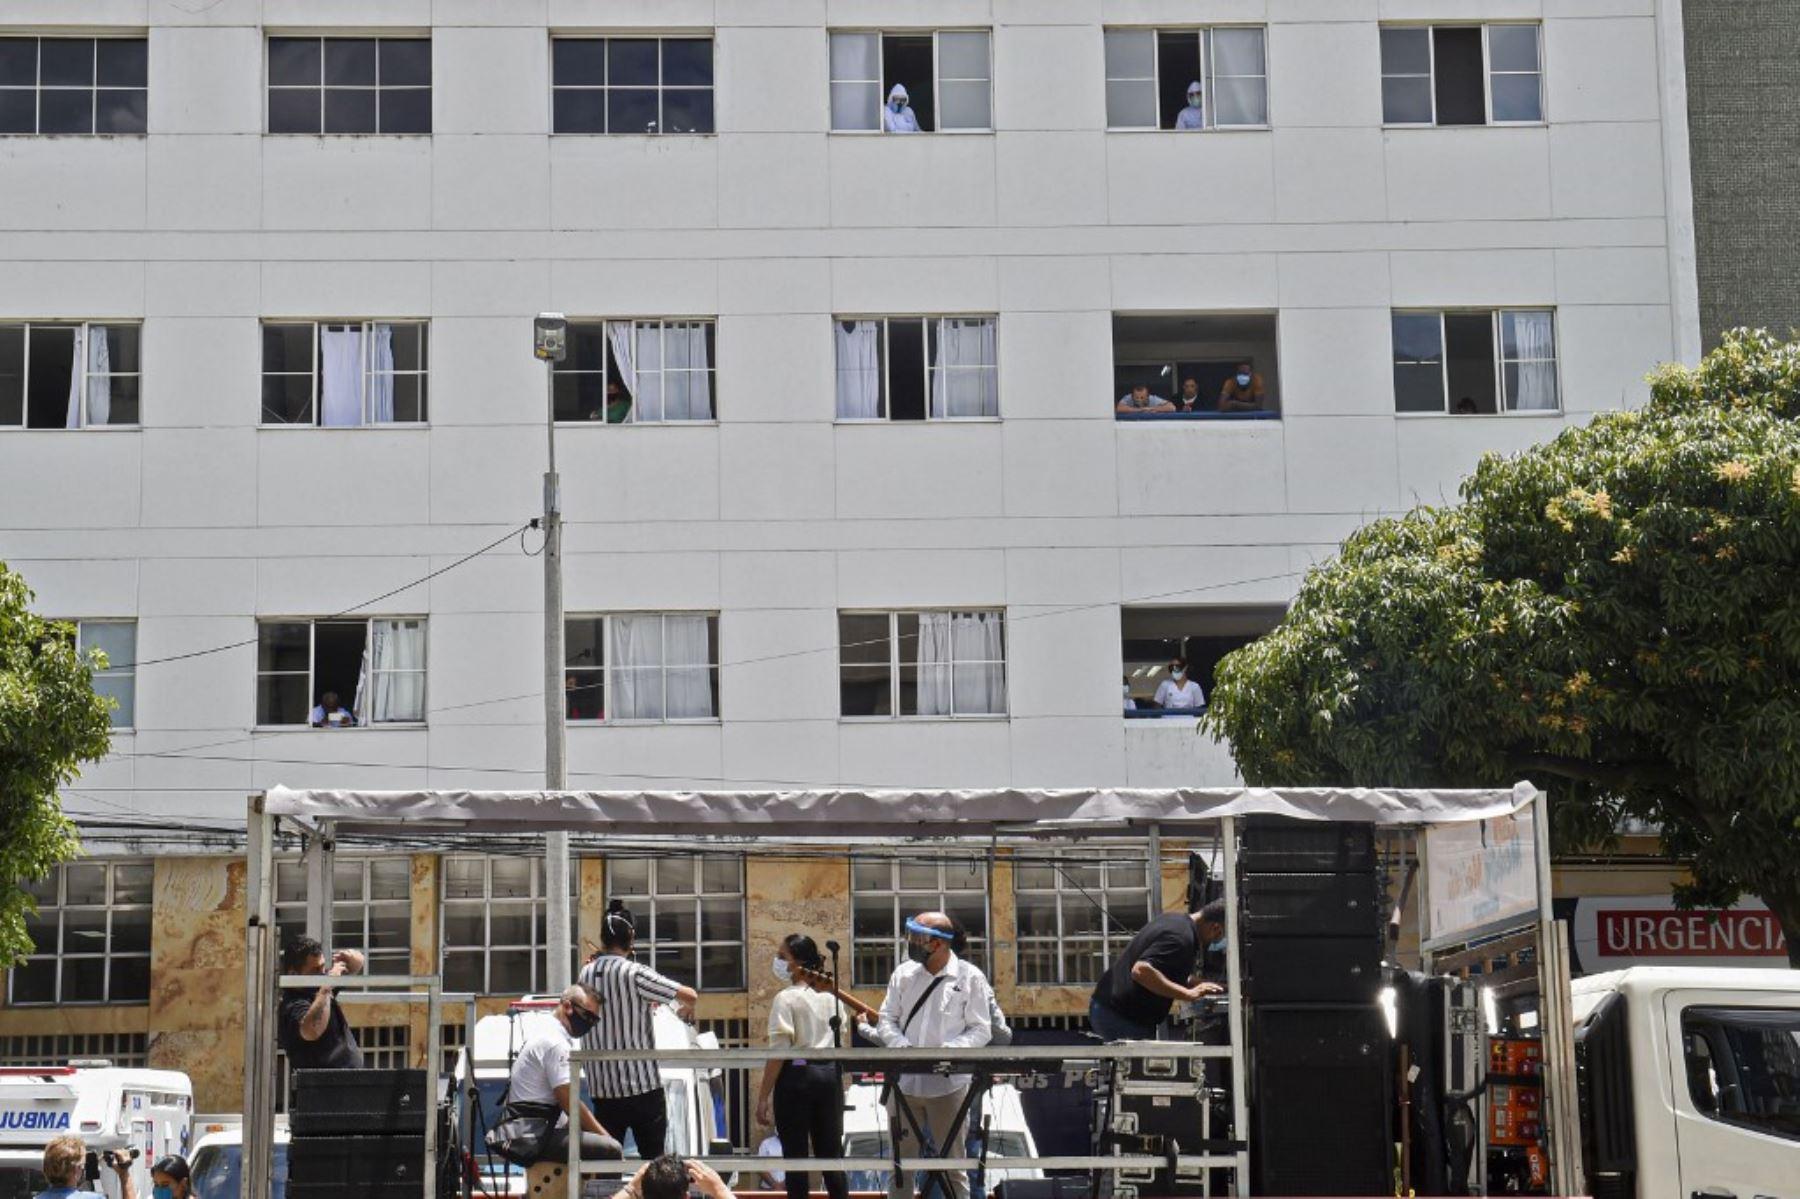 Trabajadores de la salud, pacientes y familiares miran desde las ventanas del hospital mientras una banda de música toca desde afuera en Medellín, Colombia. Foto: AFP